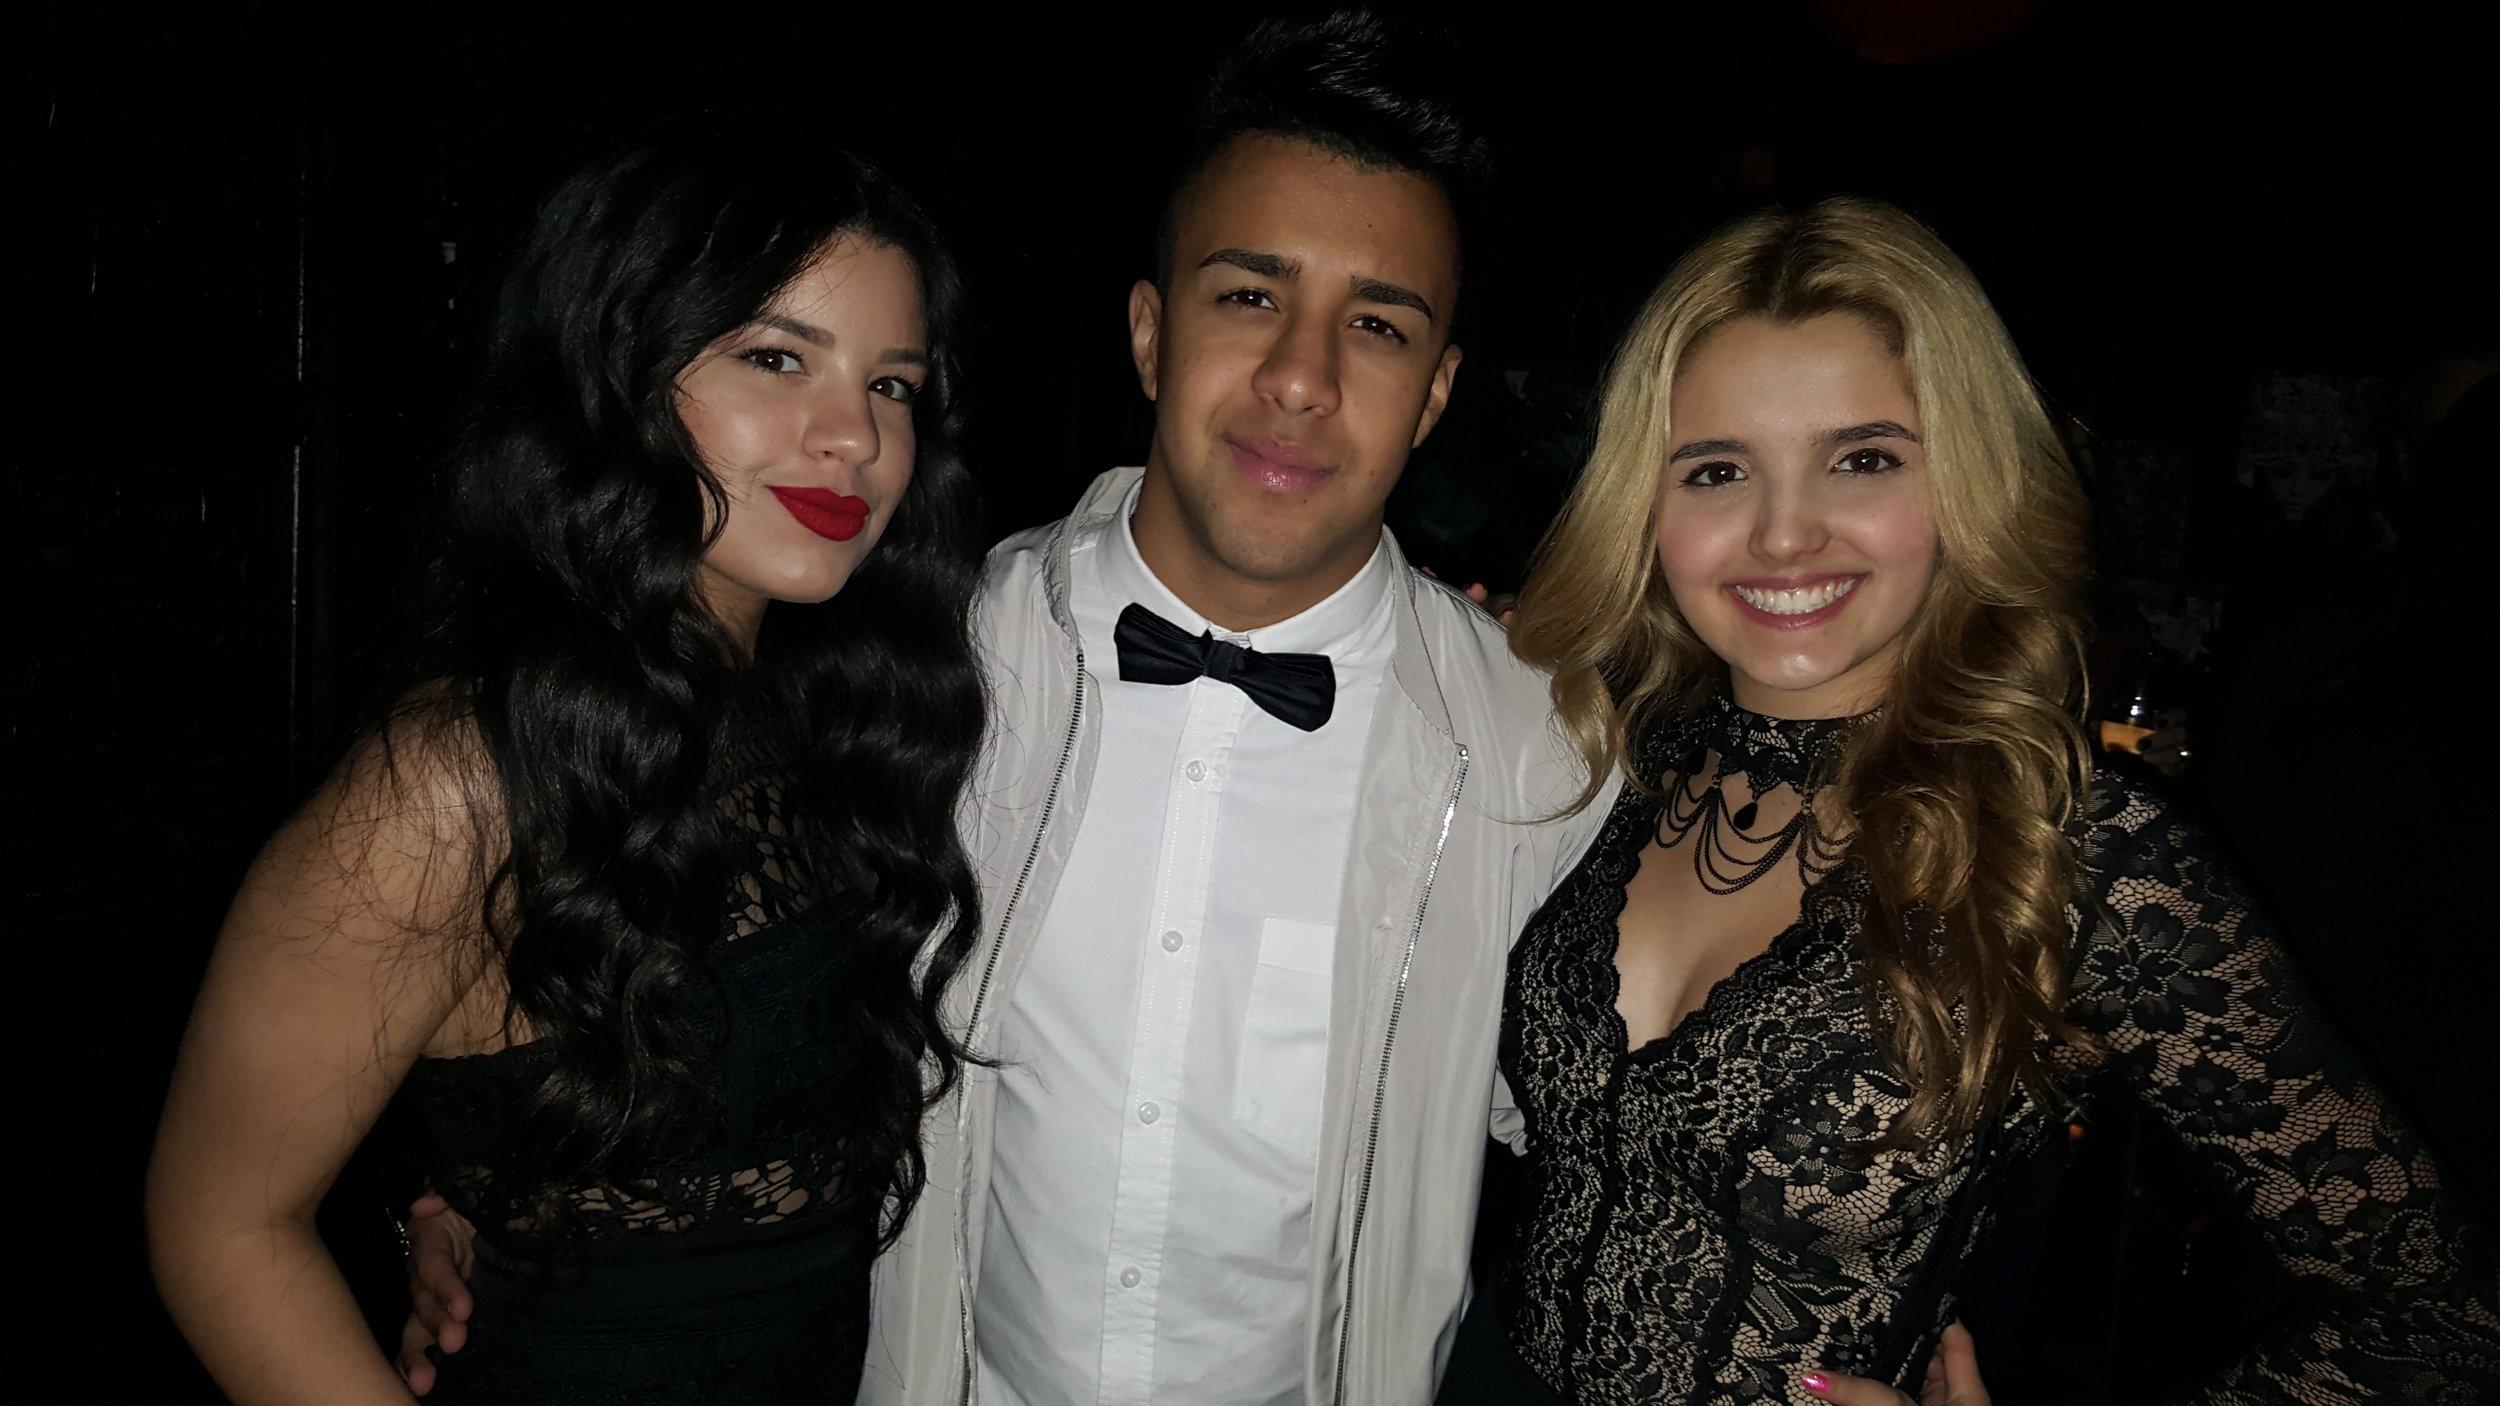 Milagro Valenzuela, Miguelito MTO, and Victoria Vida